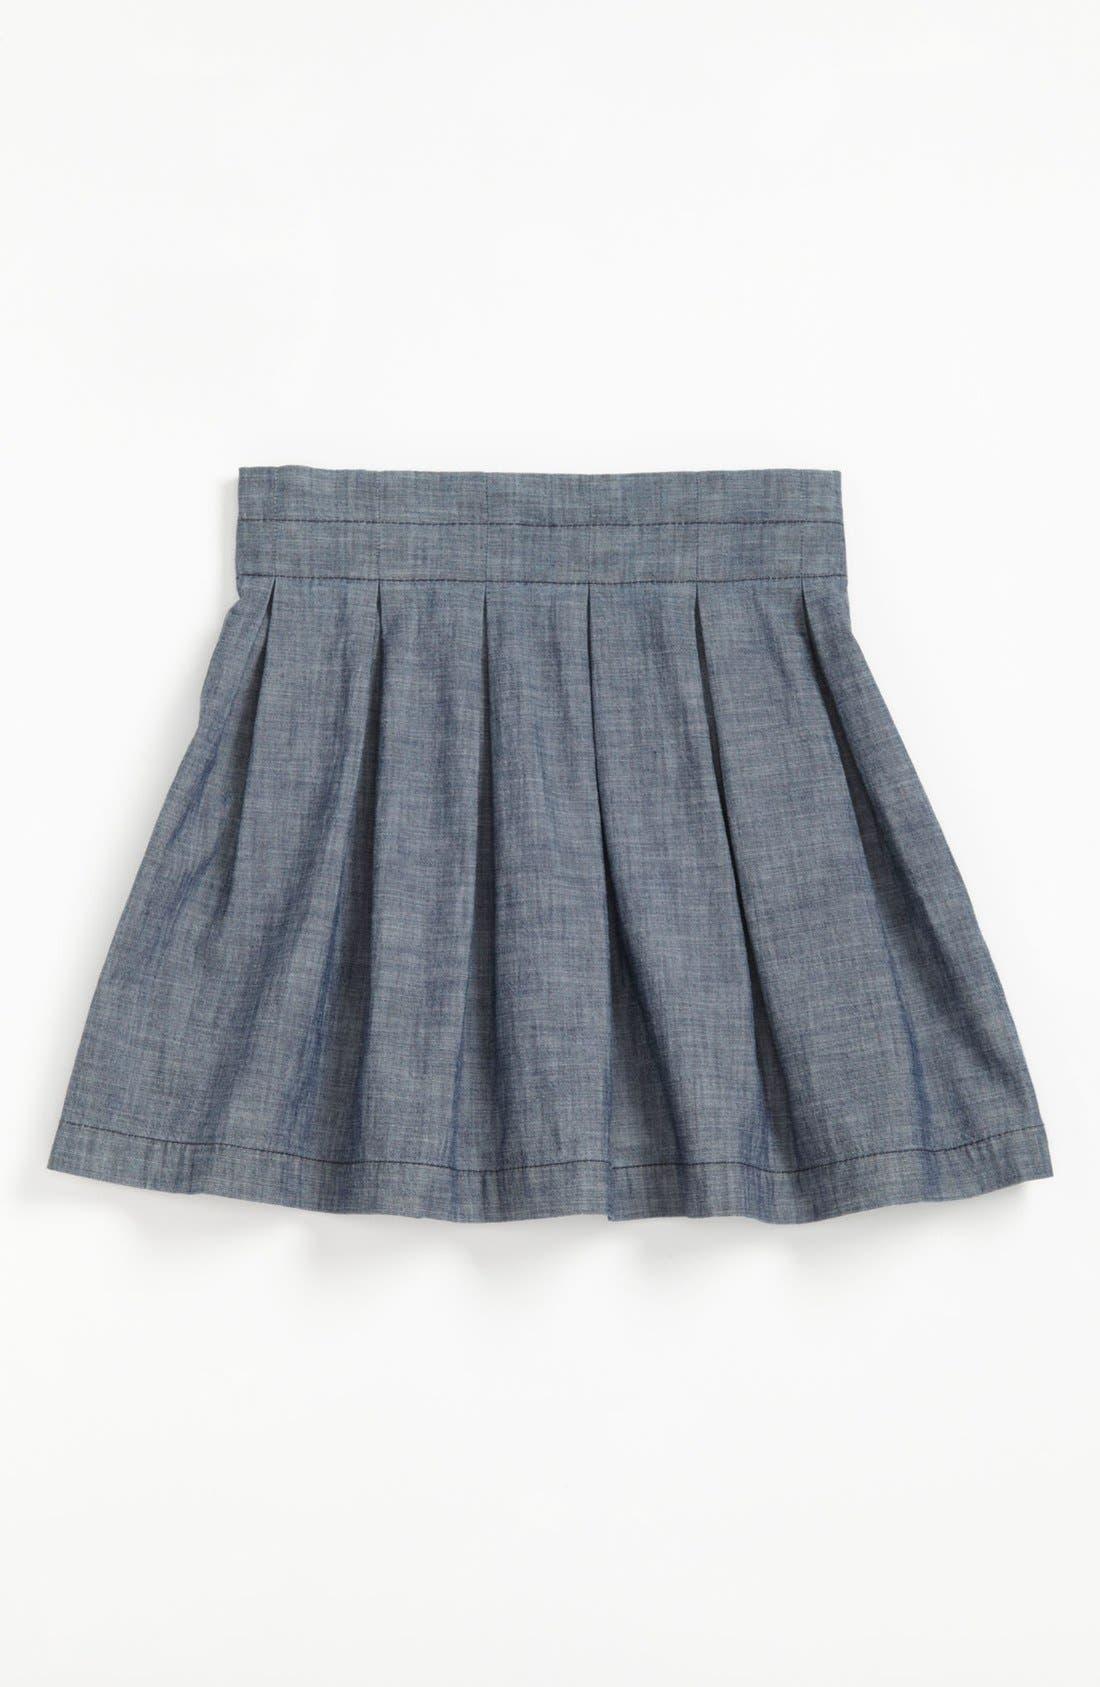 Alternate Image 1 Selected - Tucker + Tate 'Cameron' Skirt (Little Girls & Big Girls)